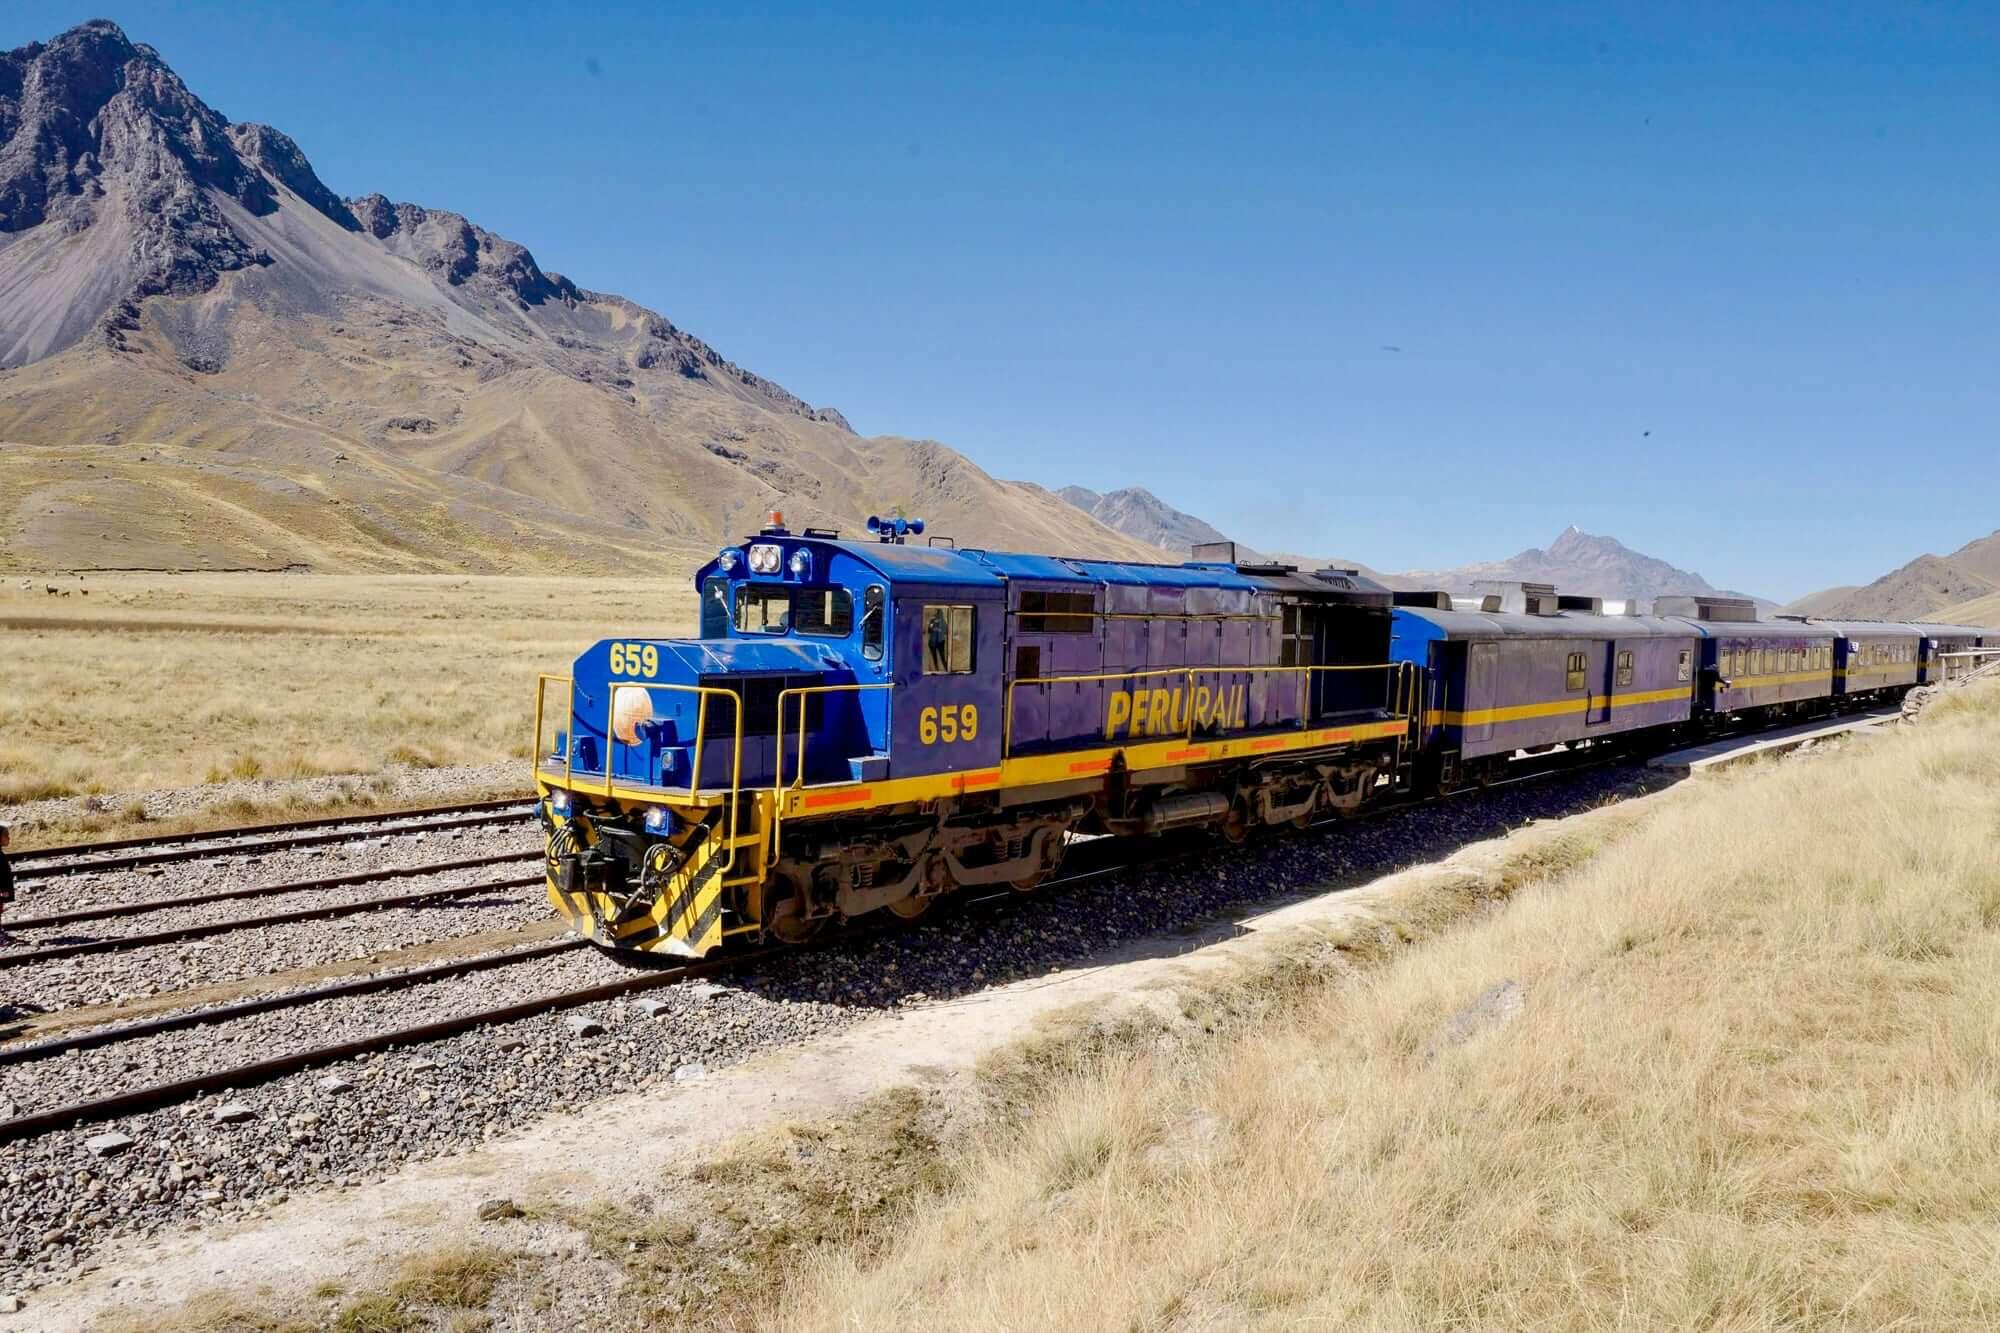 Perurail Titicaca Train in La Raya, Peru